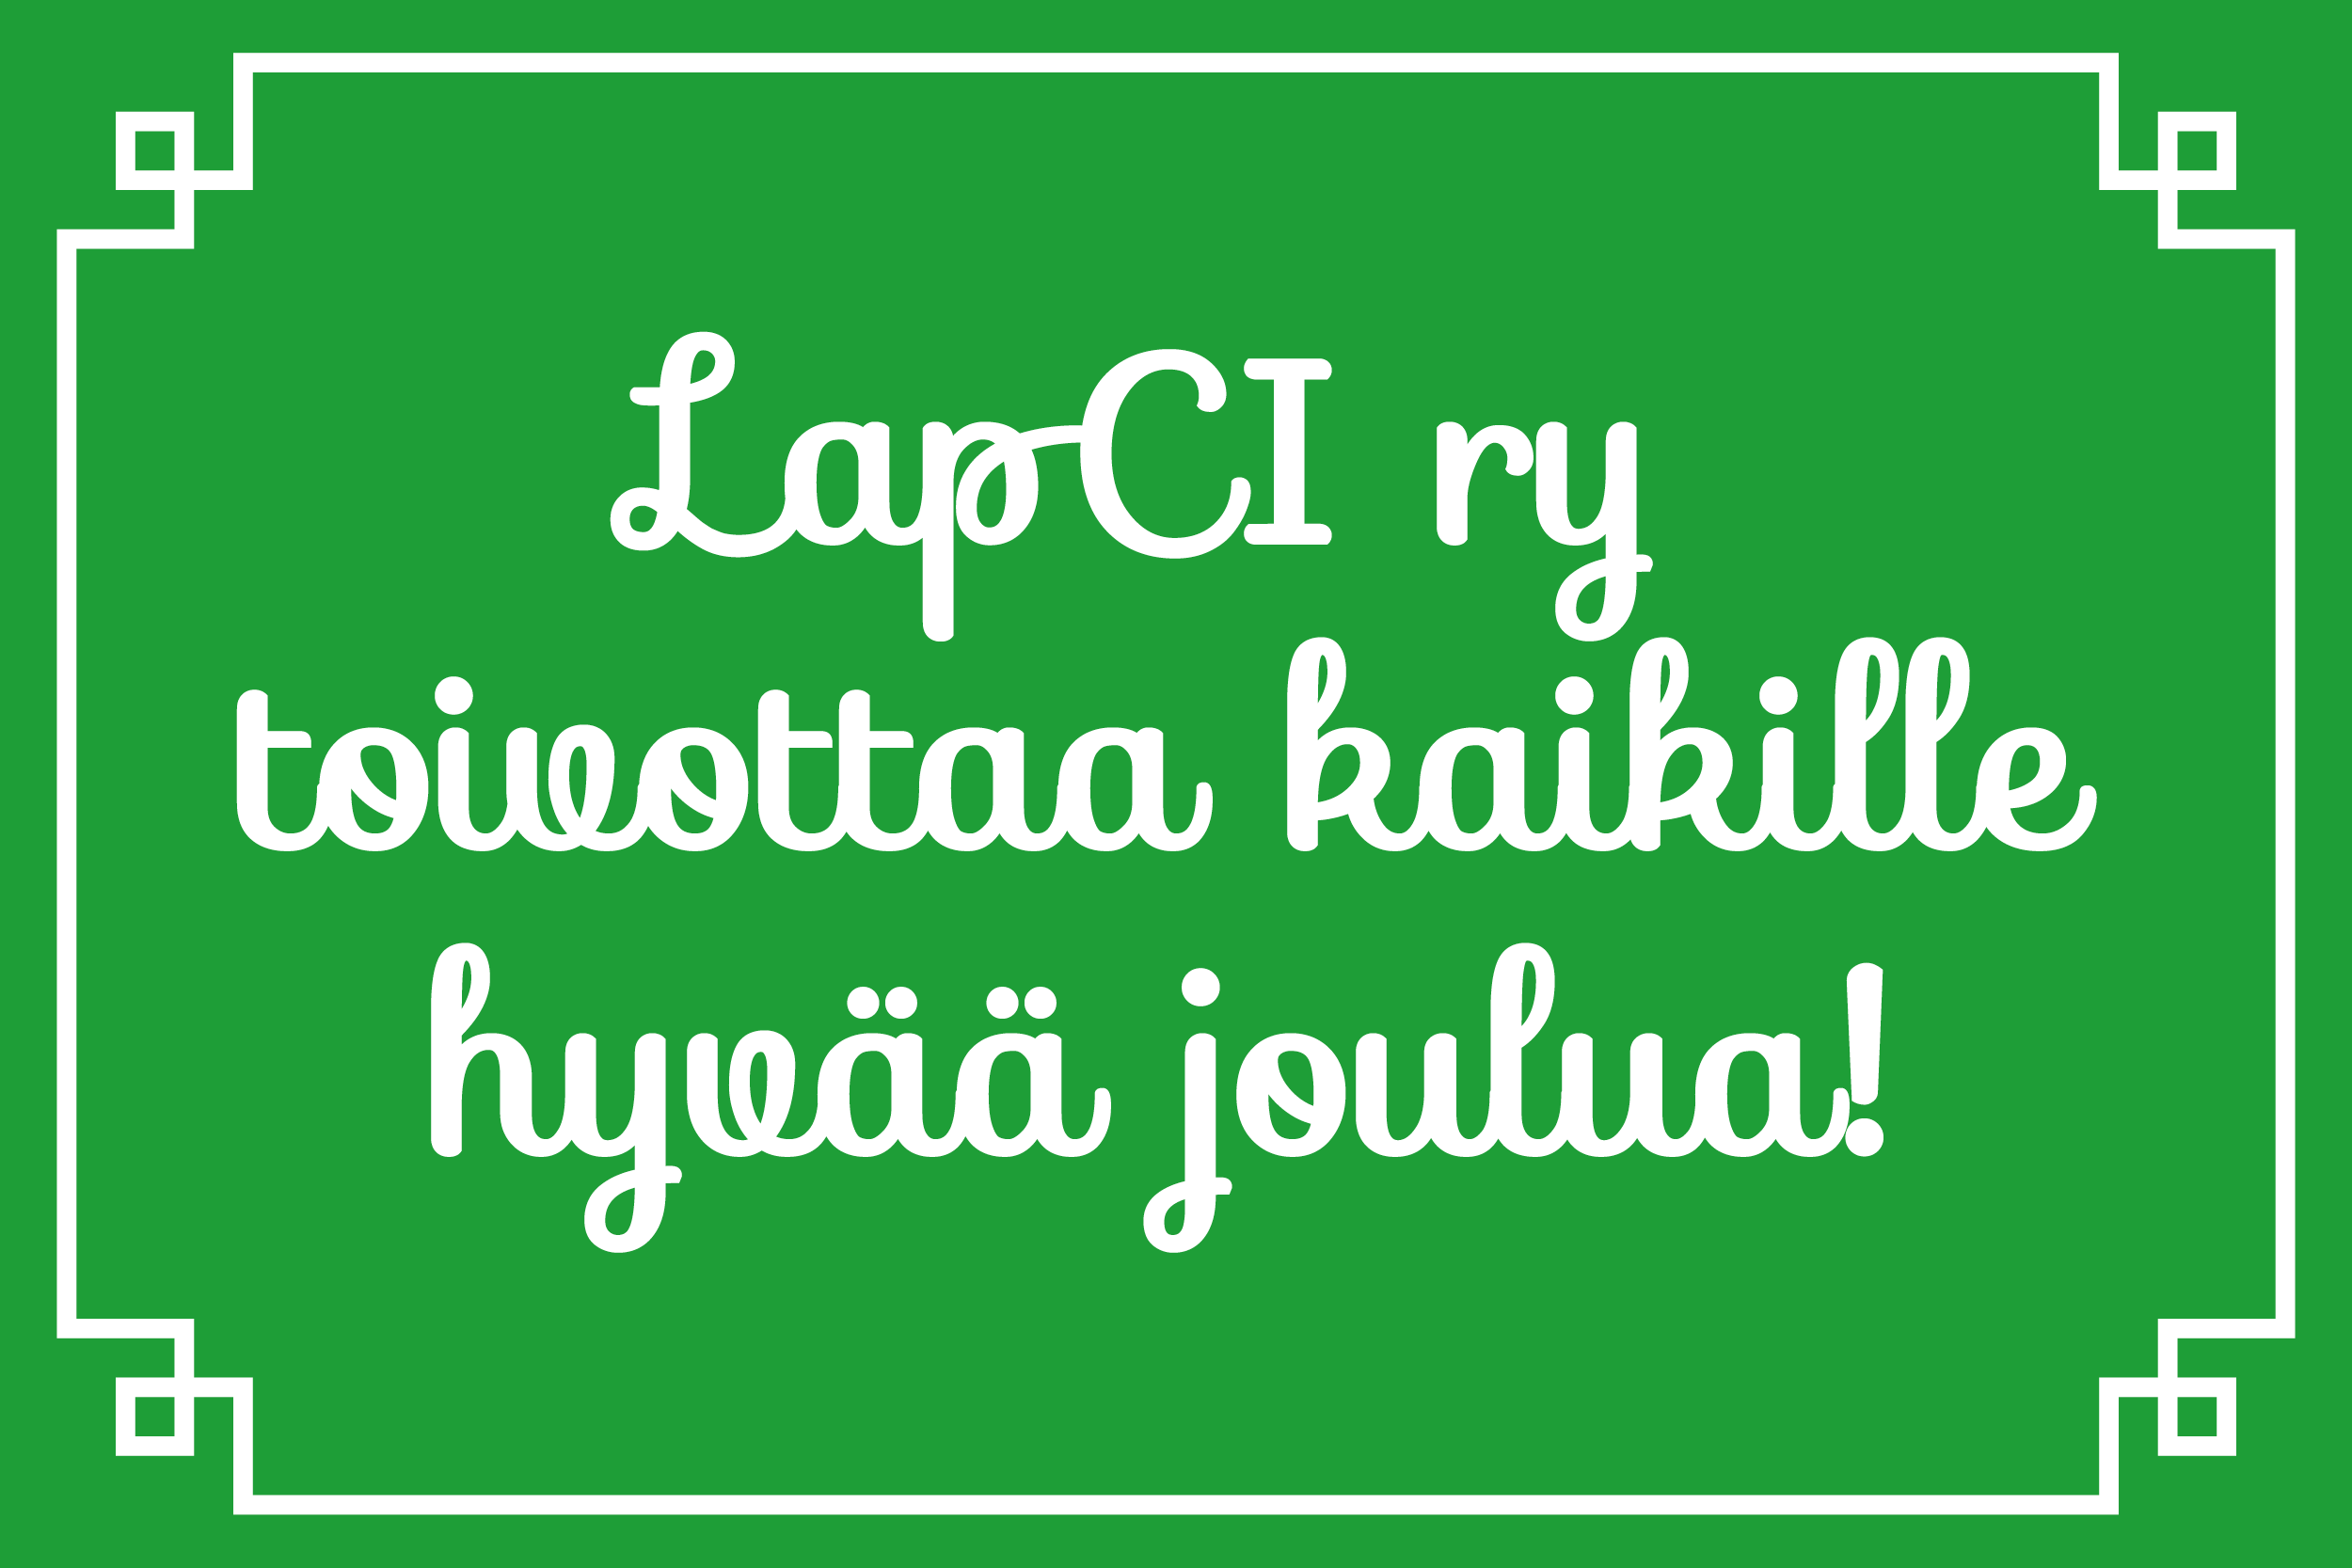 kuvassa lukee 'LapCI ry toivottaa kaikille hyvää joulua!